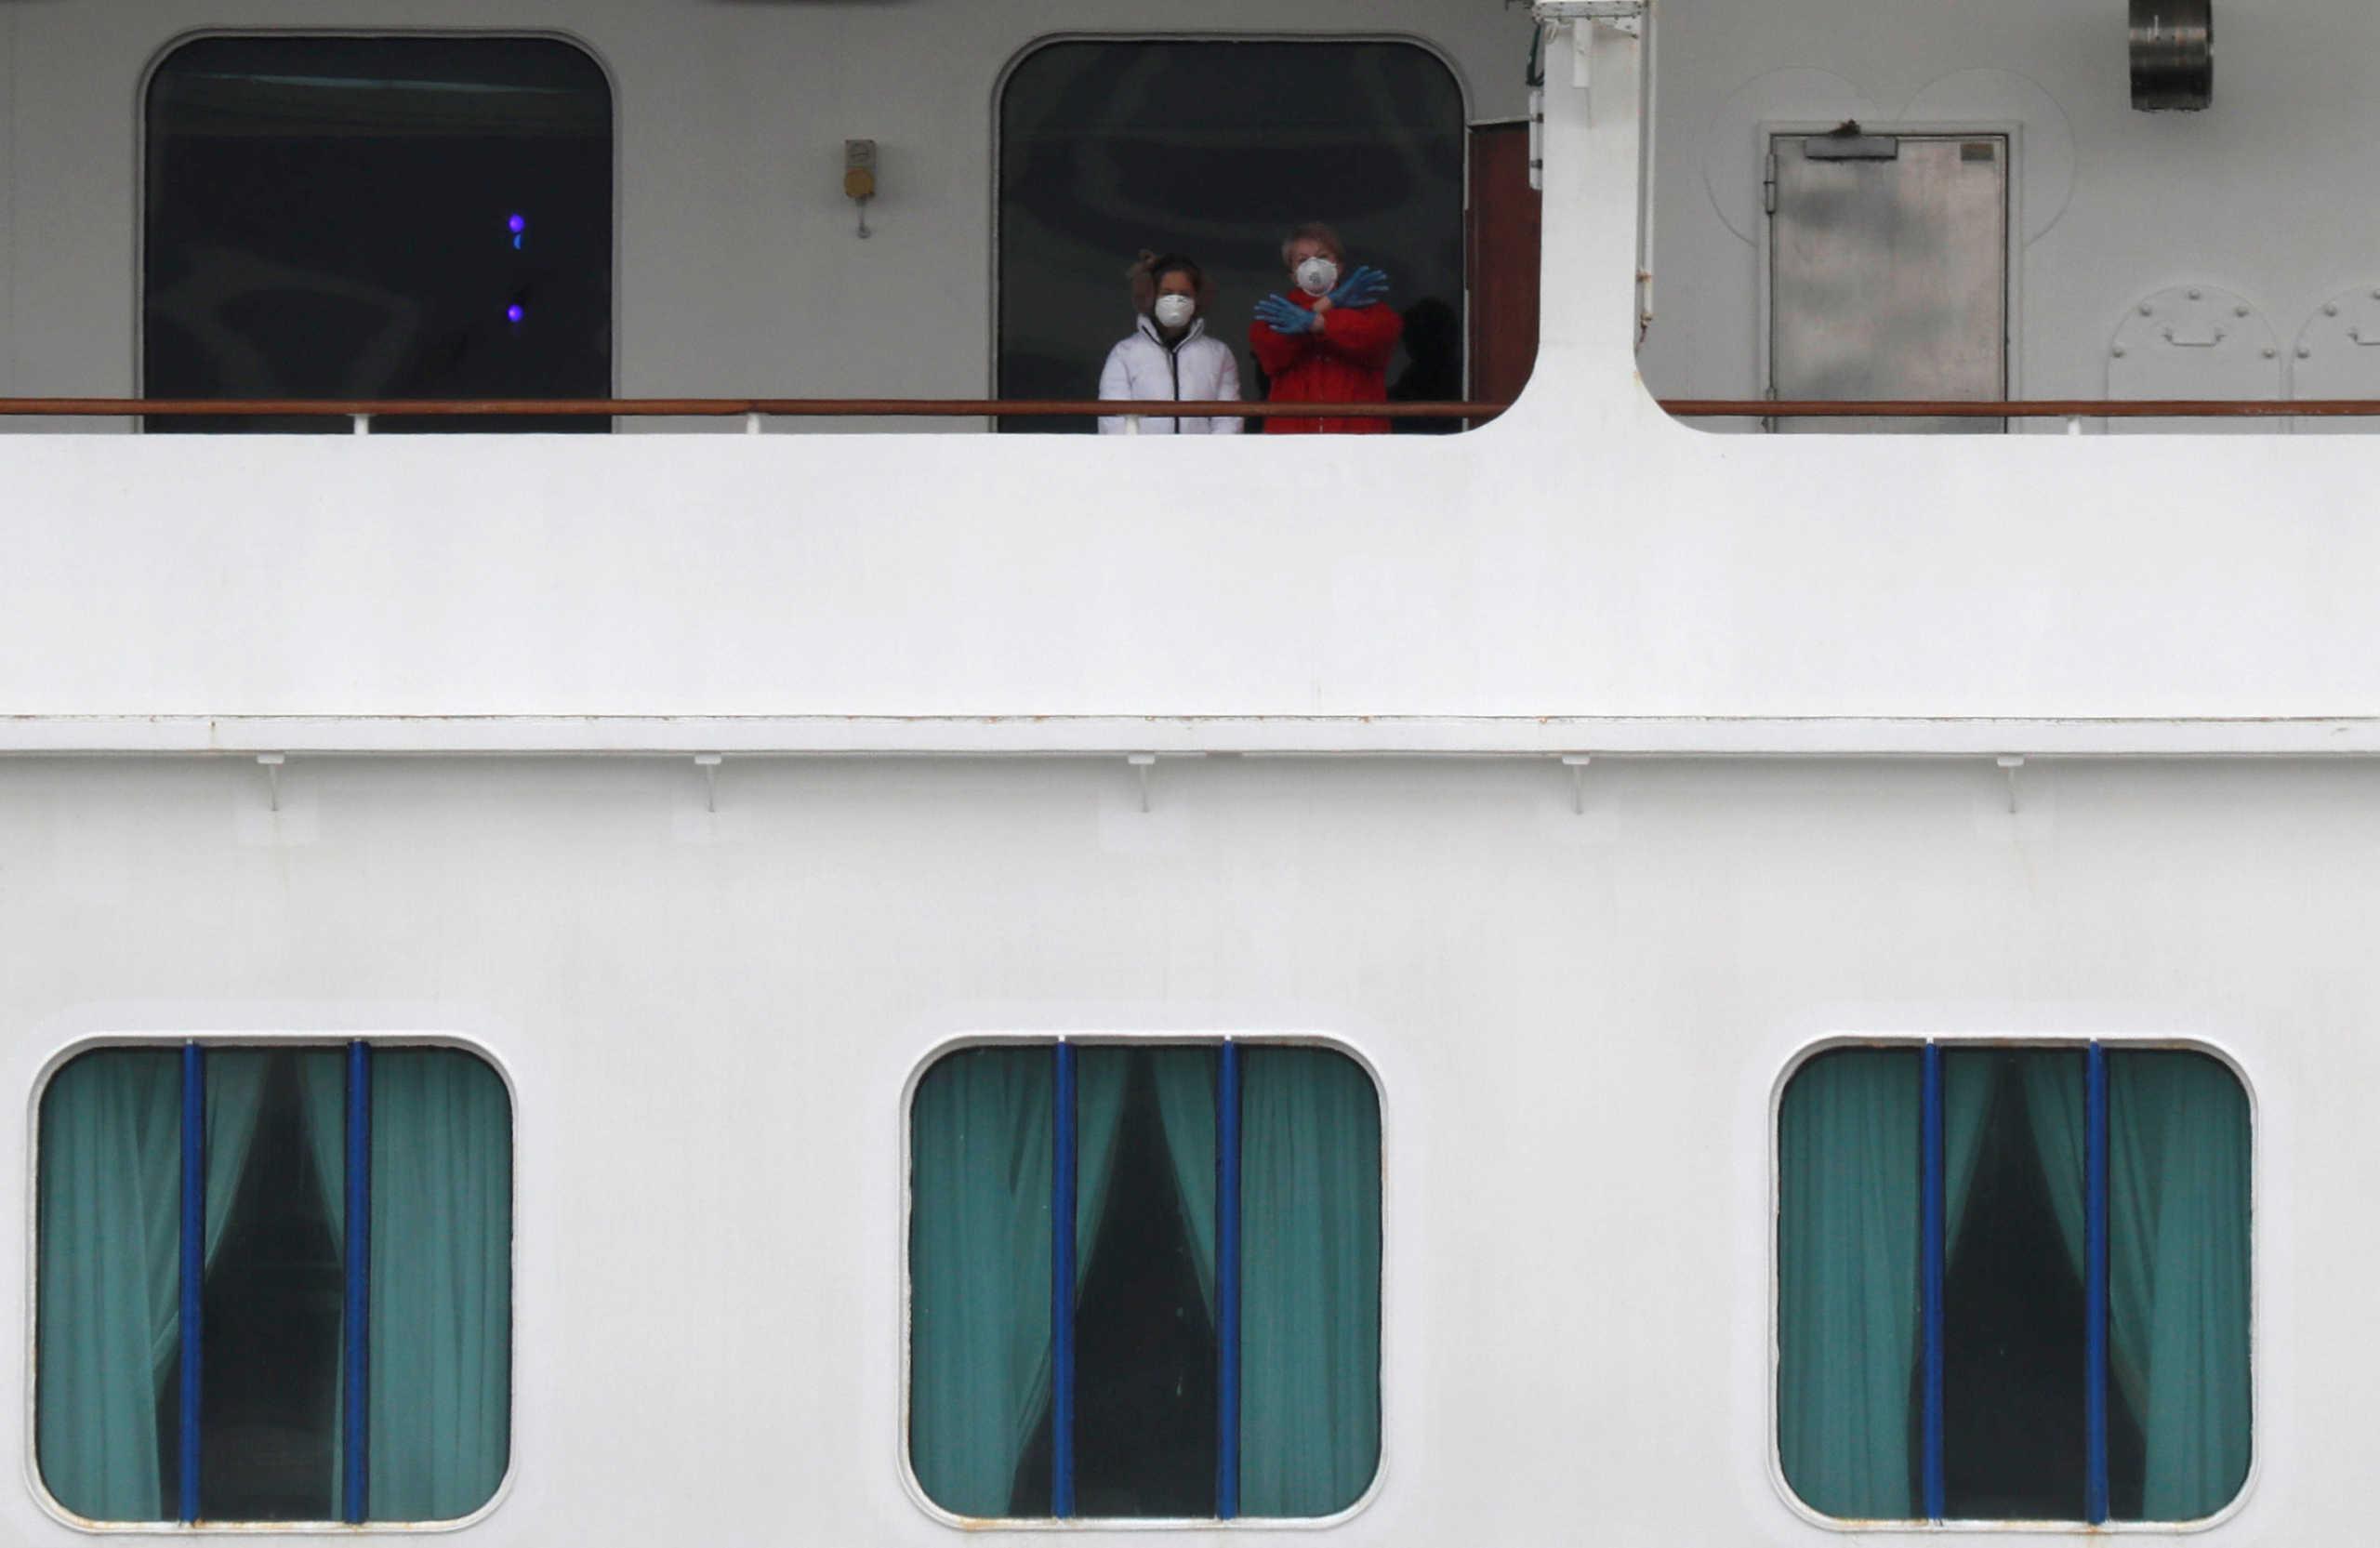 Κορονοϊός: Σε καραντίνα κρουαζιερόπλοιο που φτάνει στην Κέρκυρα με 2000 επιβάτες